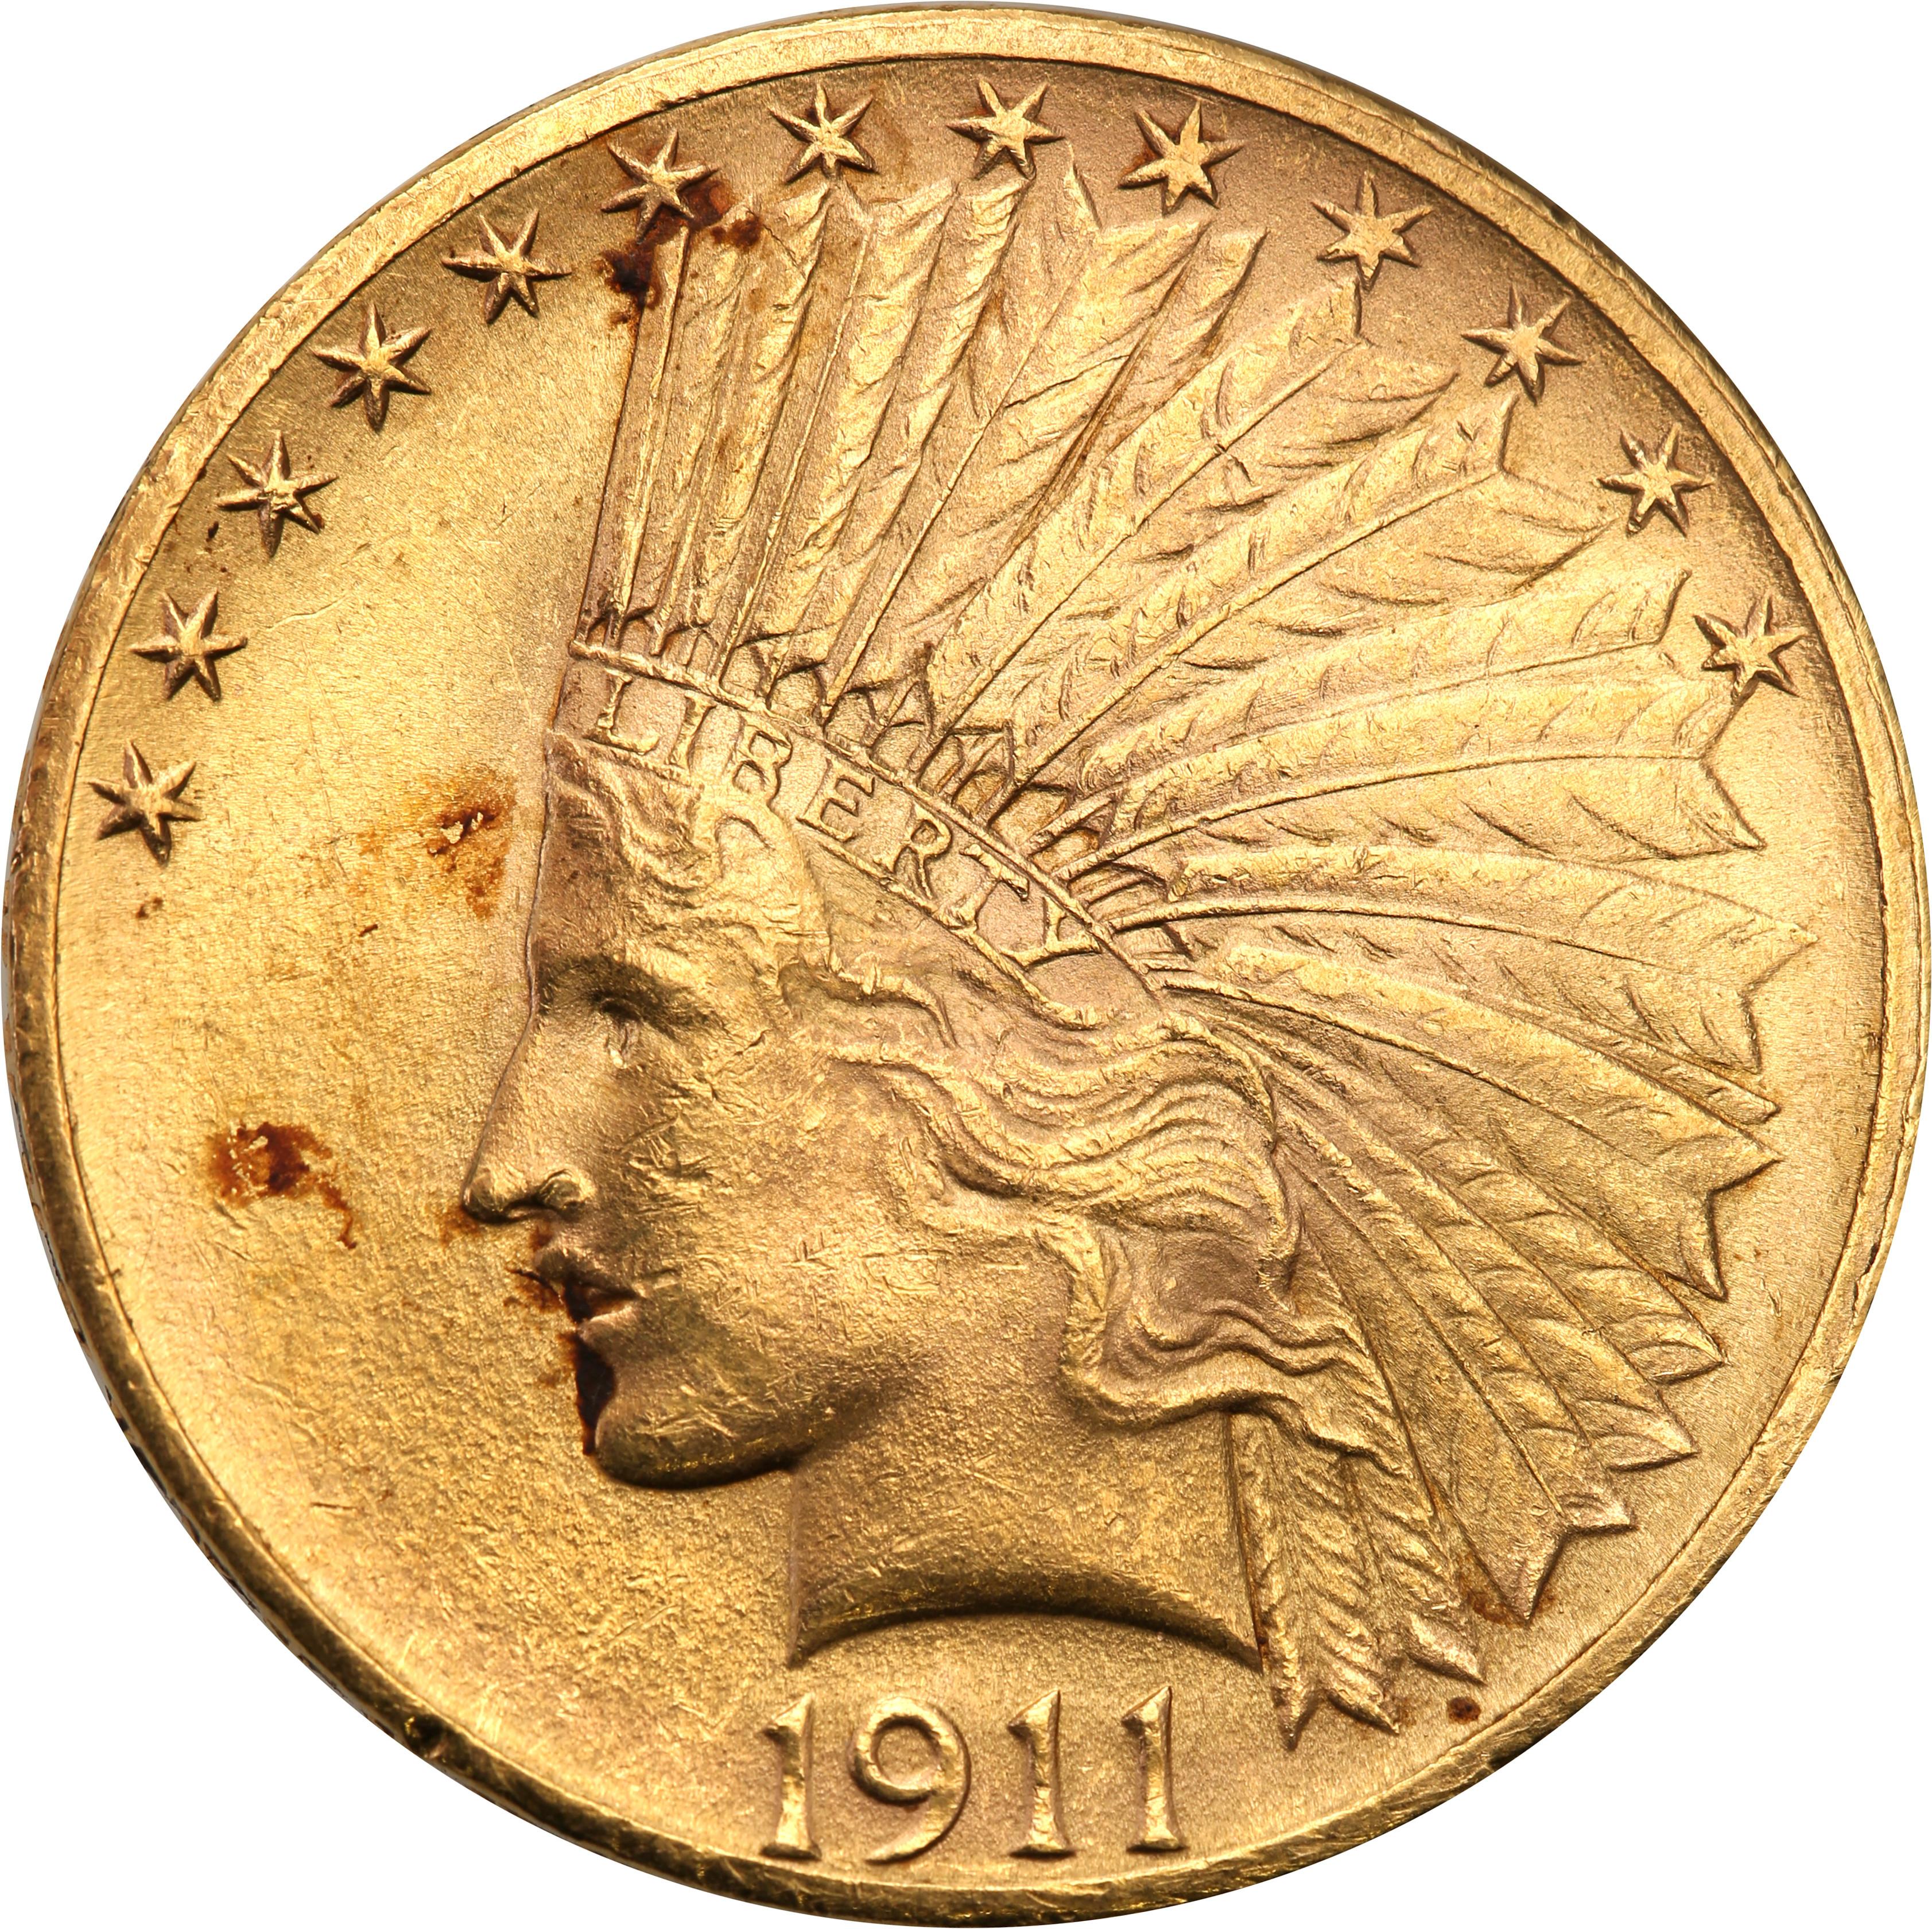 USA 10 $ dolarów Indianin 1911 Philadelphia st.1-